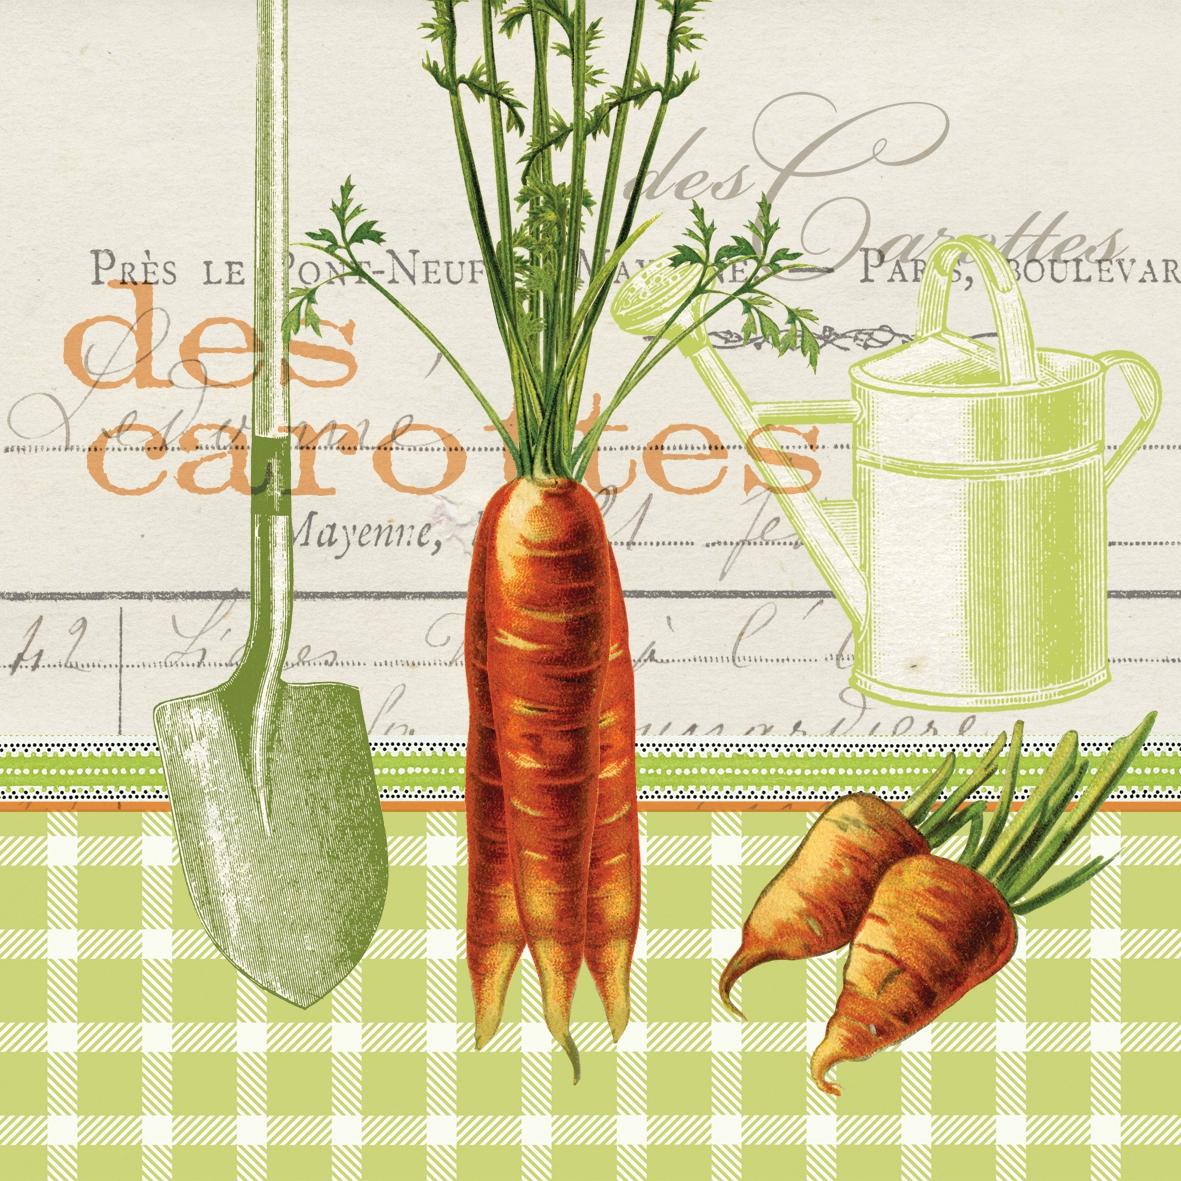 Servietten Sommer,  Sonstiges - Schriften,  Gemüse -  Sonstiges,  Everyday,  lunchservietten,  Möhren,  Schaufel,  Schriften,  Giesskanne